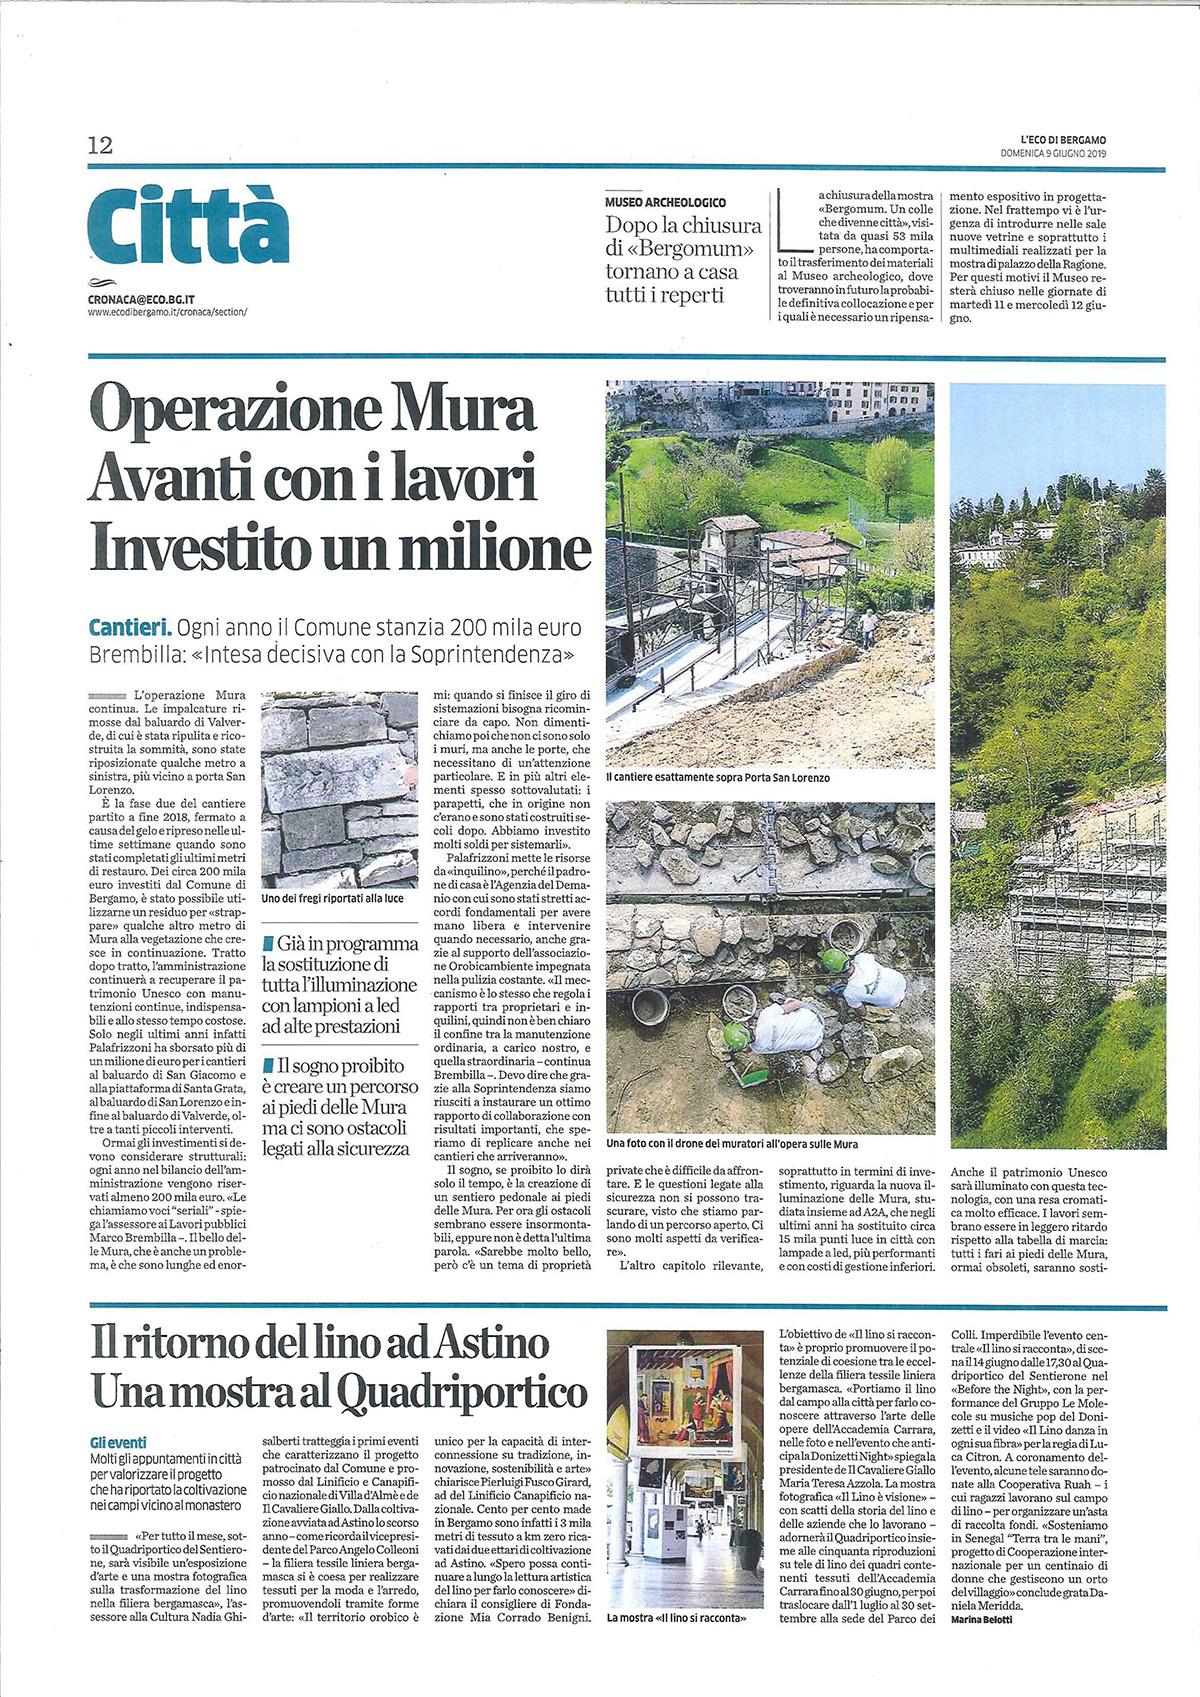 Perico-Renato-Bergamo, Città Alta - Mura venete - Restauro 4